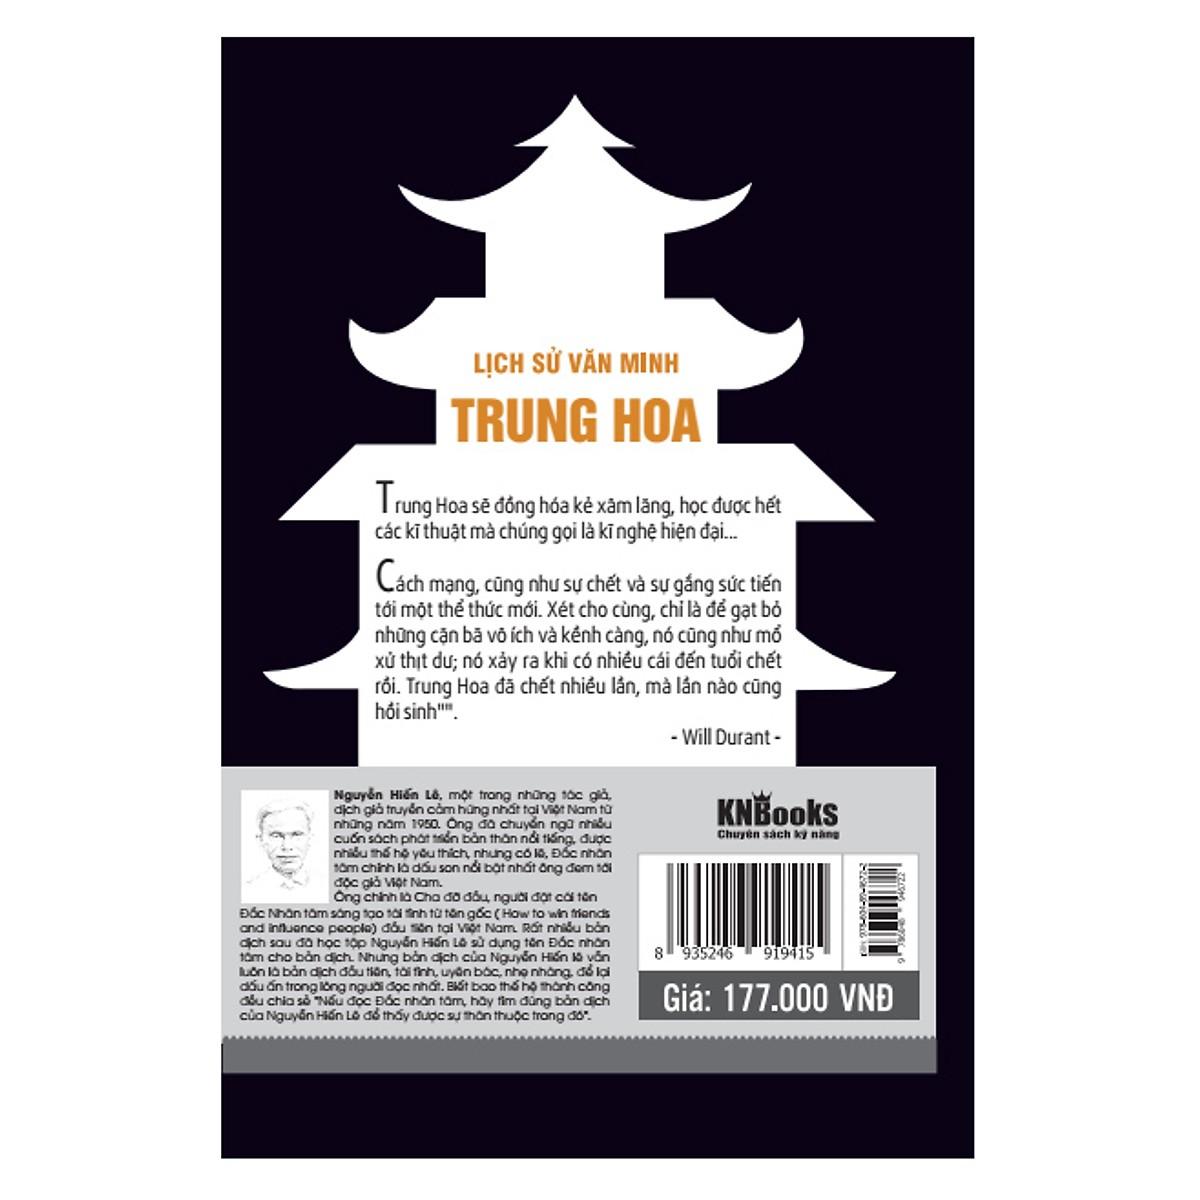 Lịch Sử Văn Minh Trung Hoa (Tặng E-Book Bộ 10 Cuốn Sách Hay Về Kỹ Năng, Đời Sống, Kinh Tế Và Gia Đình - Tại App MCbooks)